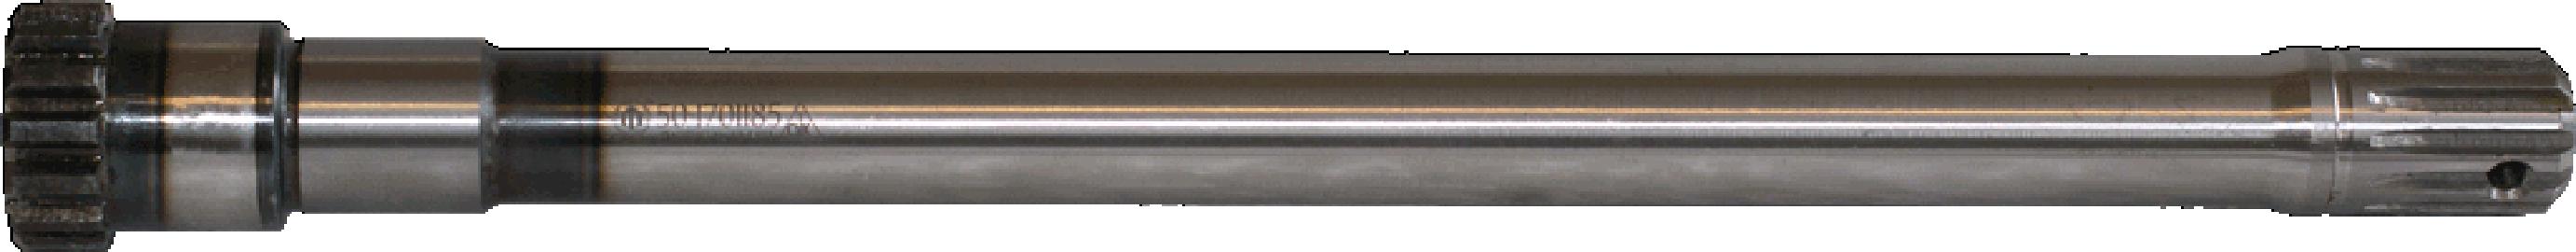 Вал внутренний привода ВОМ (ТАРА)